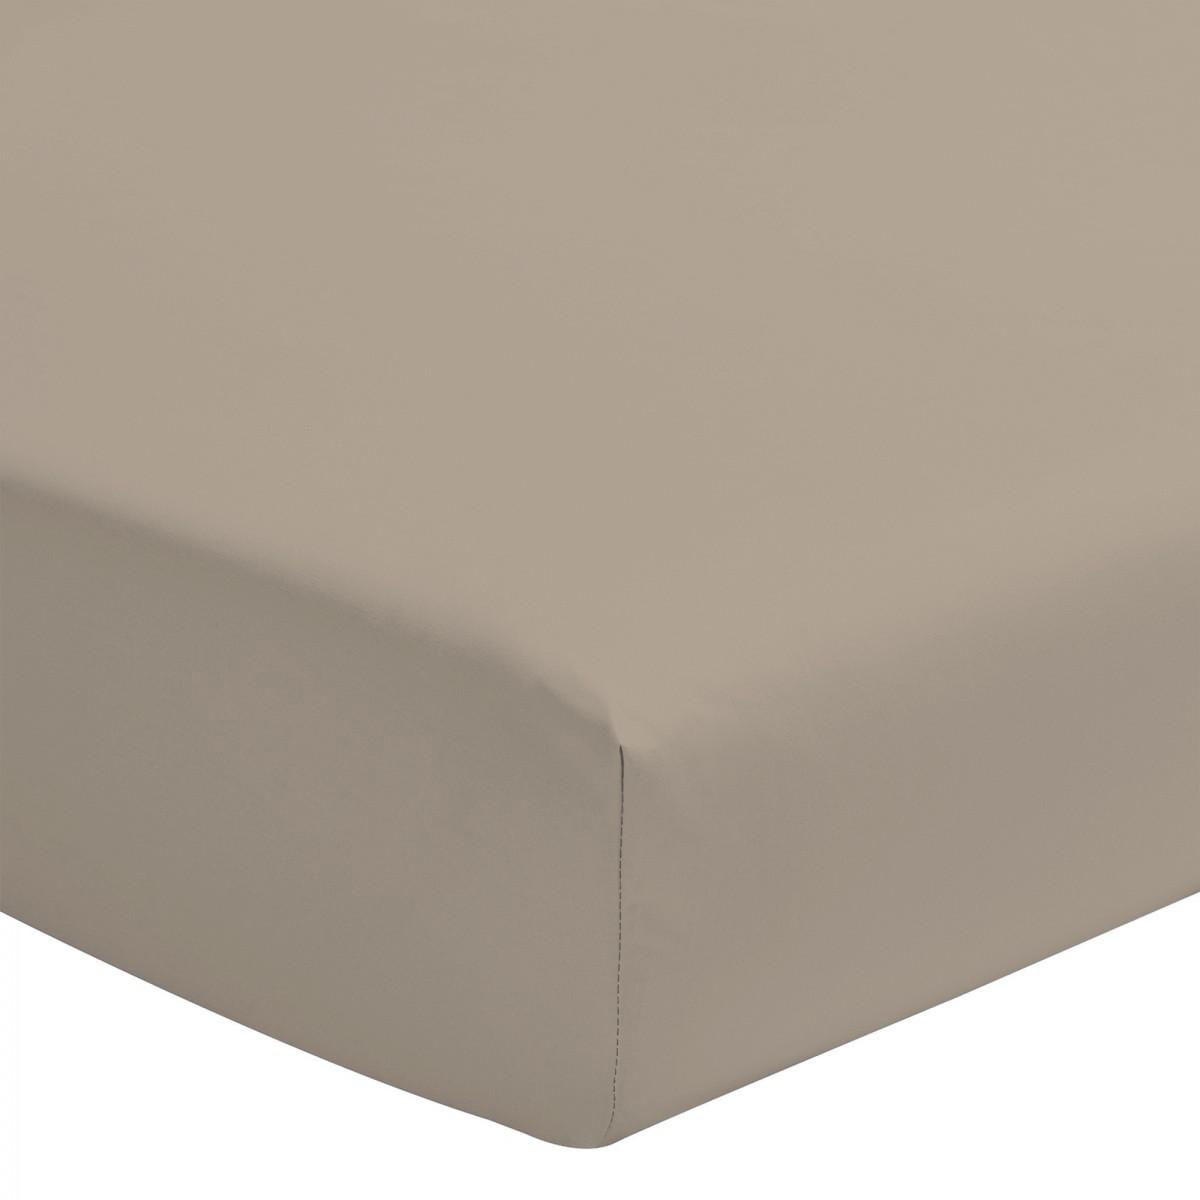 Drap Housse Uni 100% Coton Bonnet 25cm Beige Foncé 140x190cm